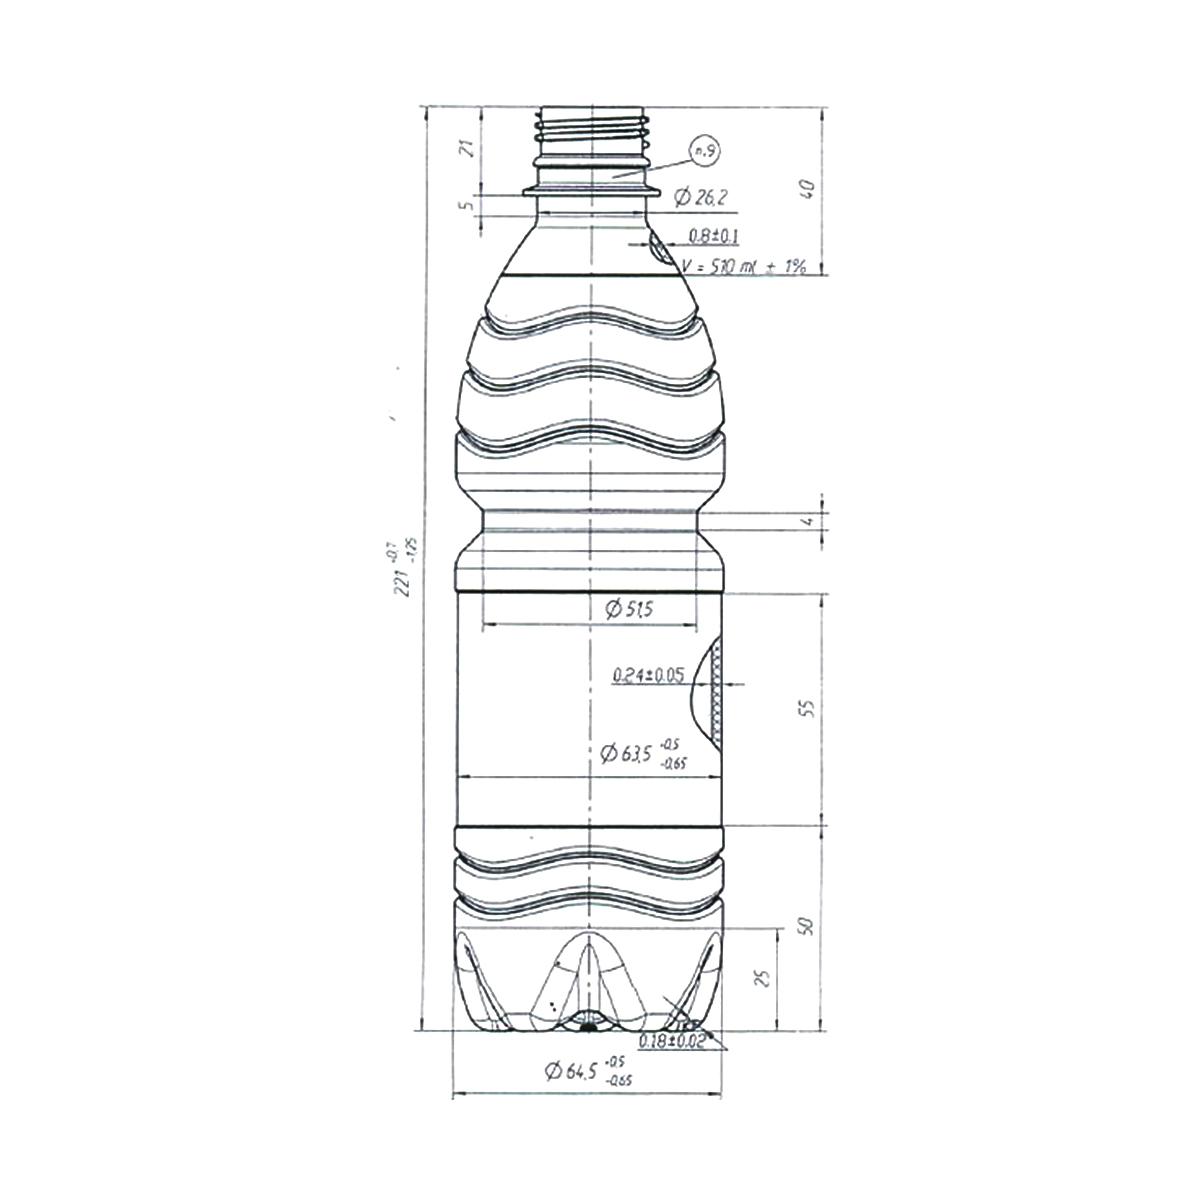 pet bottle esp industries. Black Bedroom Furniture Sets. Home Design Ideas